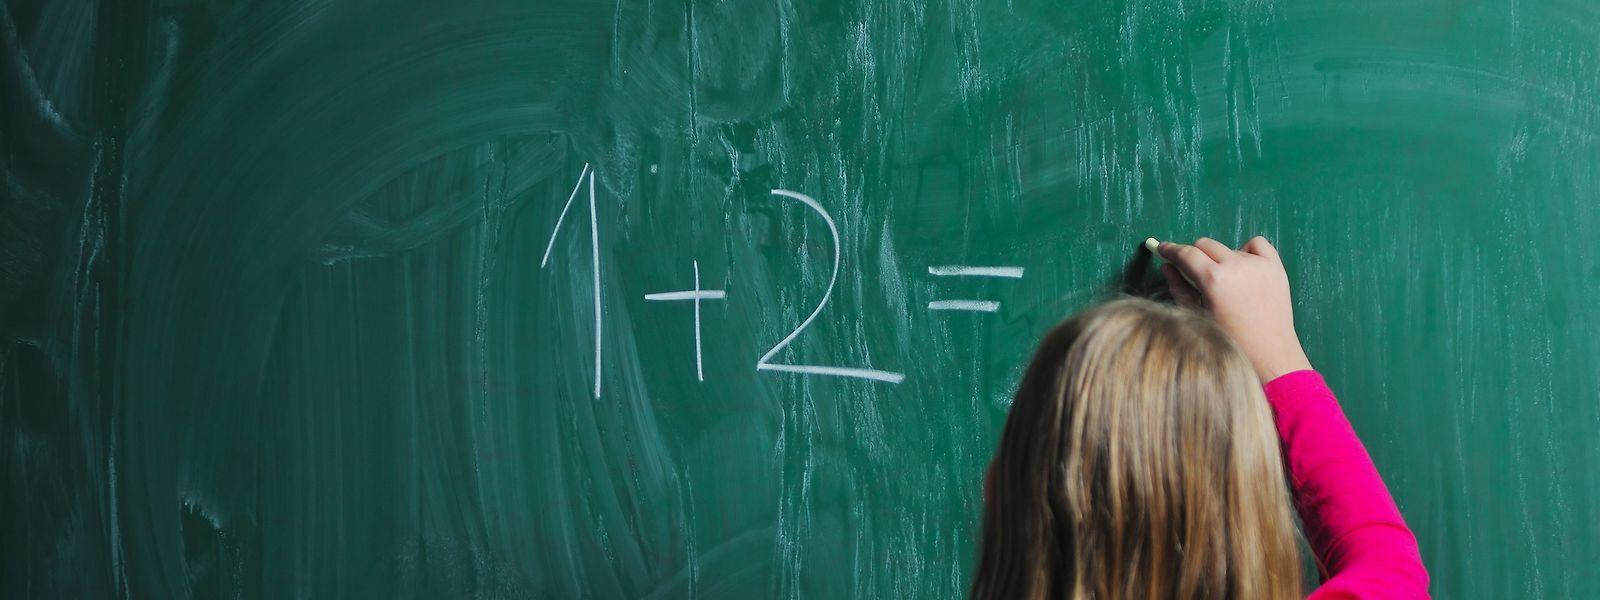 Die Lehrergewerkschaft SEW wirft der gesamten Politik vor, sich in den vergangenen fünf Jahren zu wenig mit bildungspolitischen Fragen auseinandergesetzt zu haben.